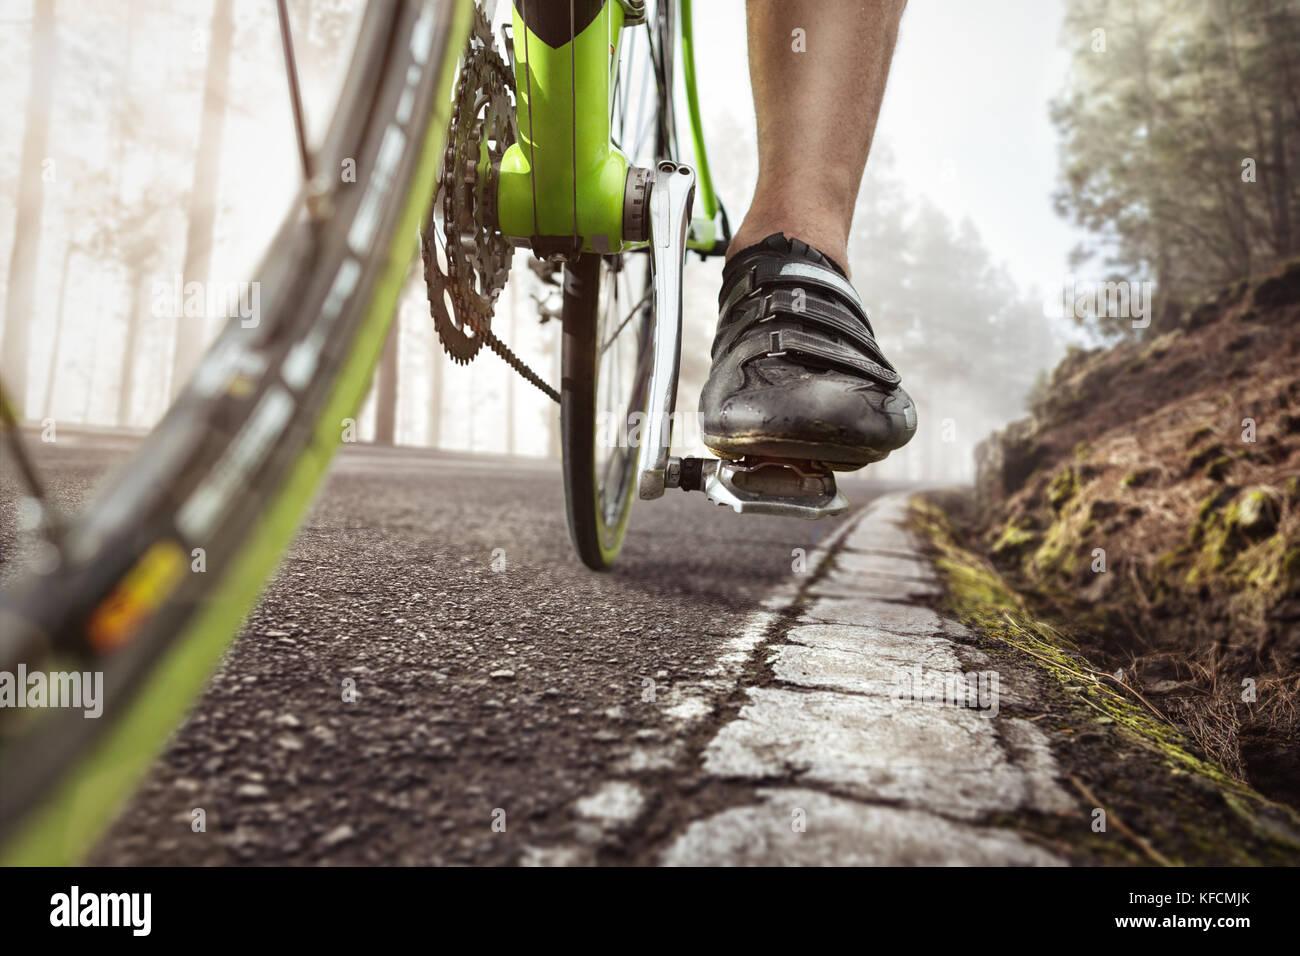 Escursioni in bicicletta in una nebbiosa strada forestale Immagini Stock